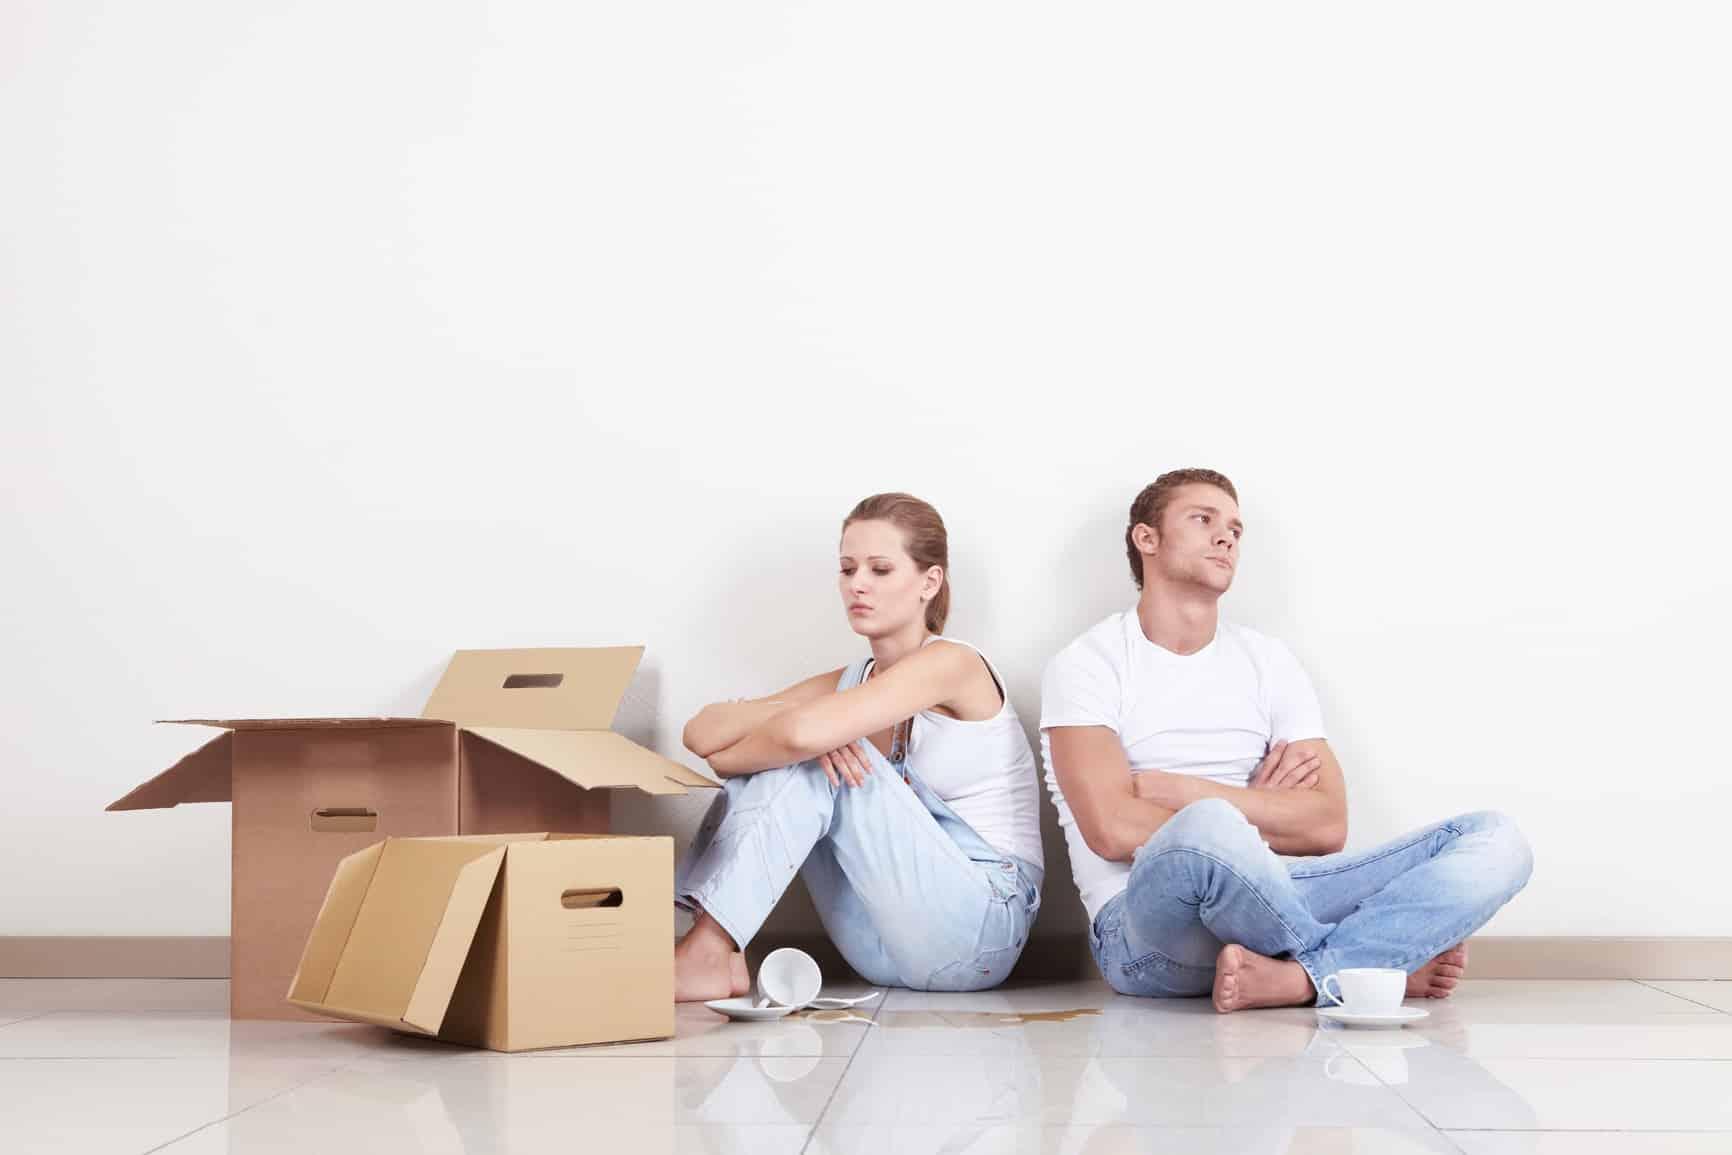 куда развод с женой в одной квартире как себя вести которого